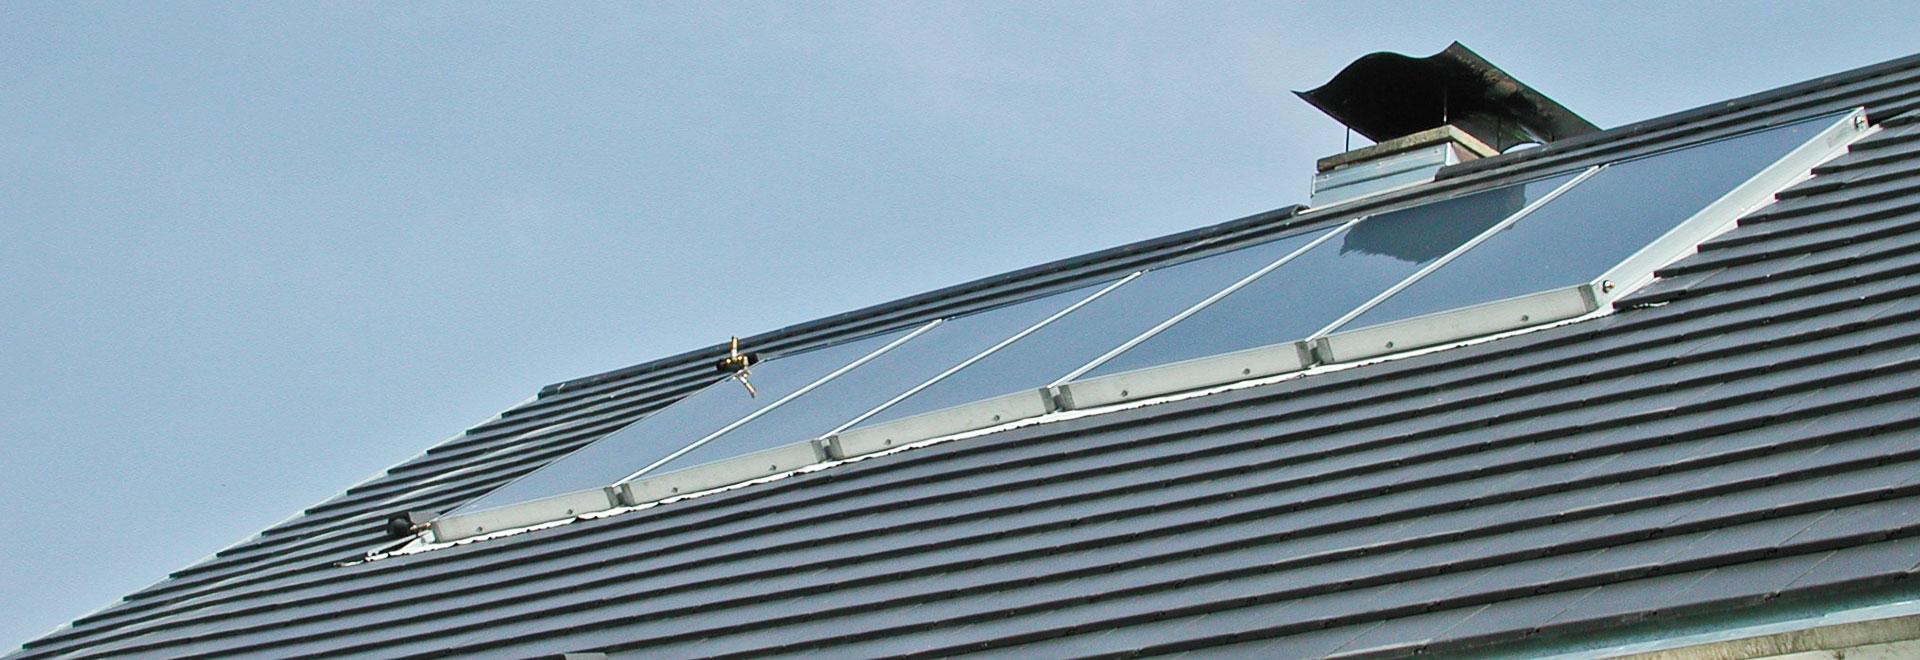 Walter Vögele GmbH in Freiburg: Solaranlage auf Hausdach